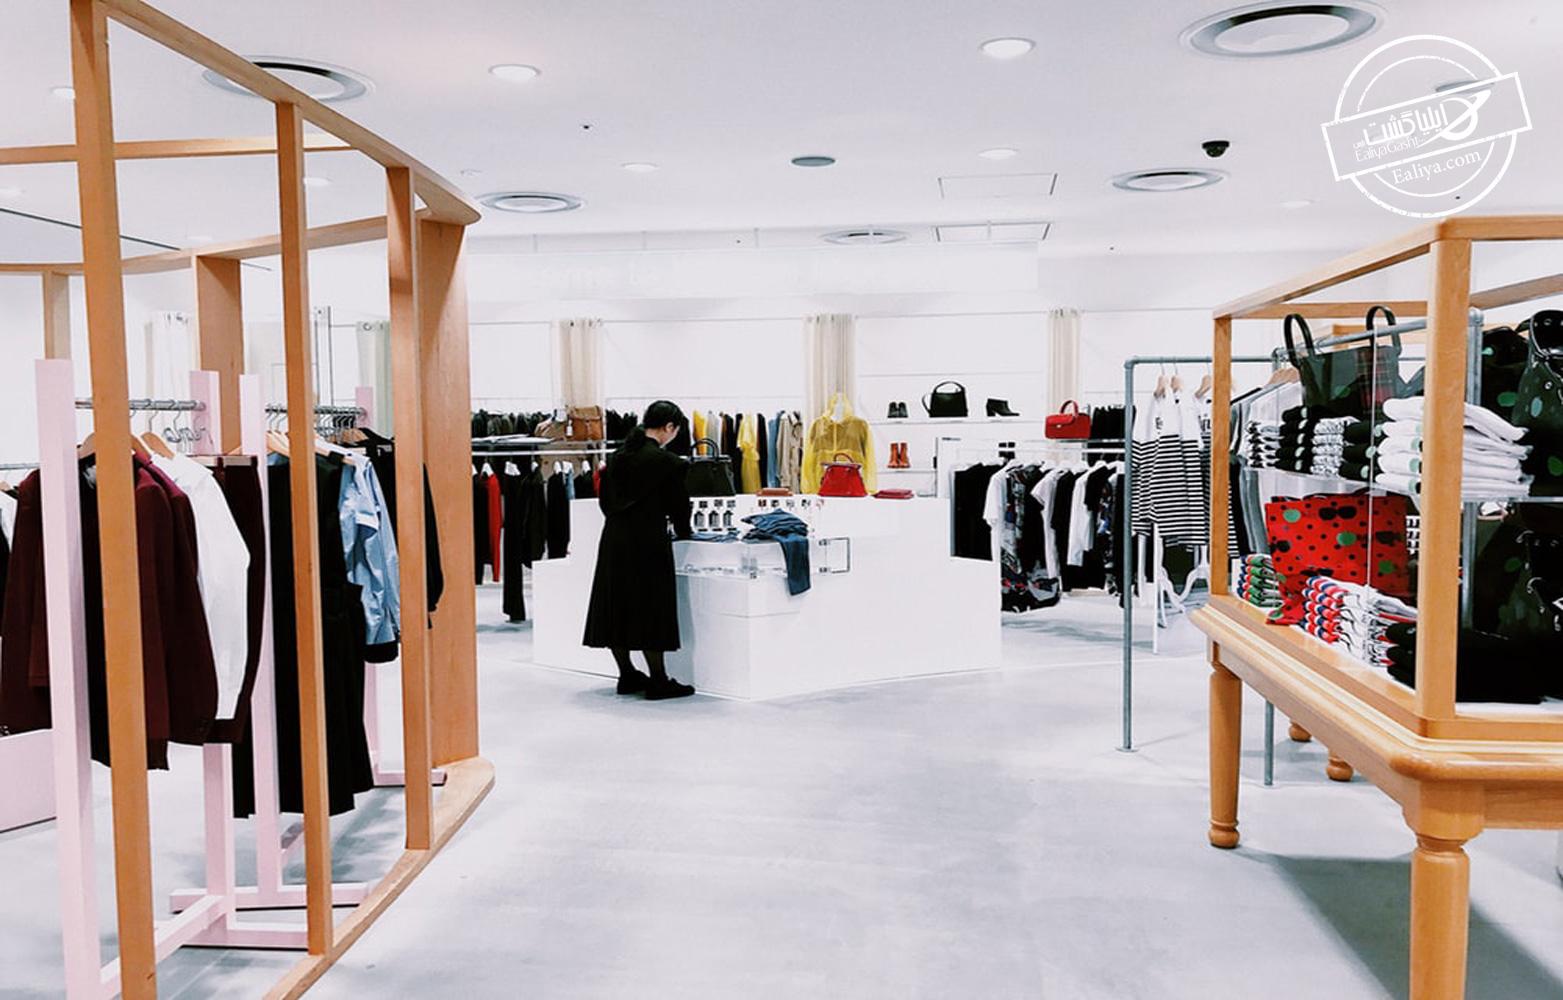 فروشگاهی معتبر در زمینه پوشاک لارناکا